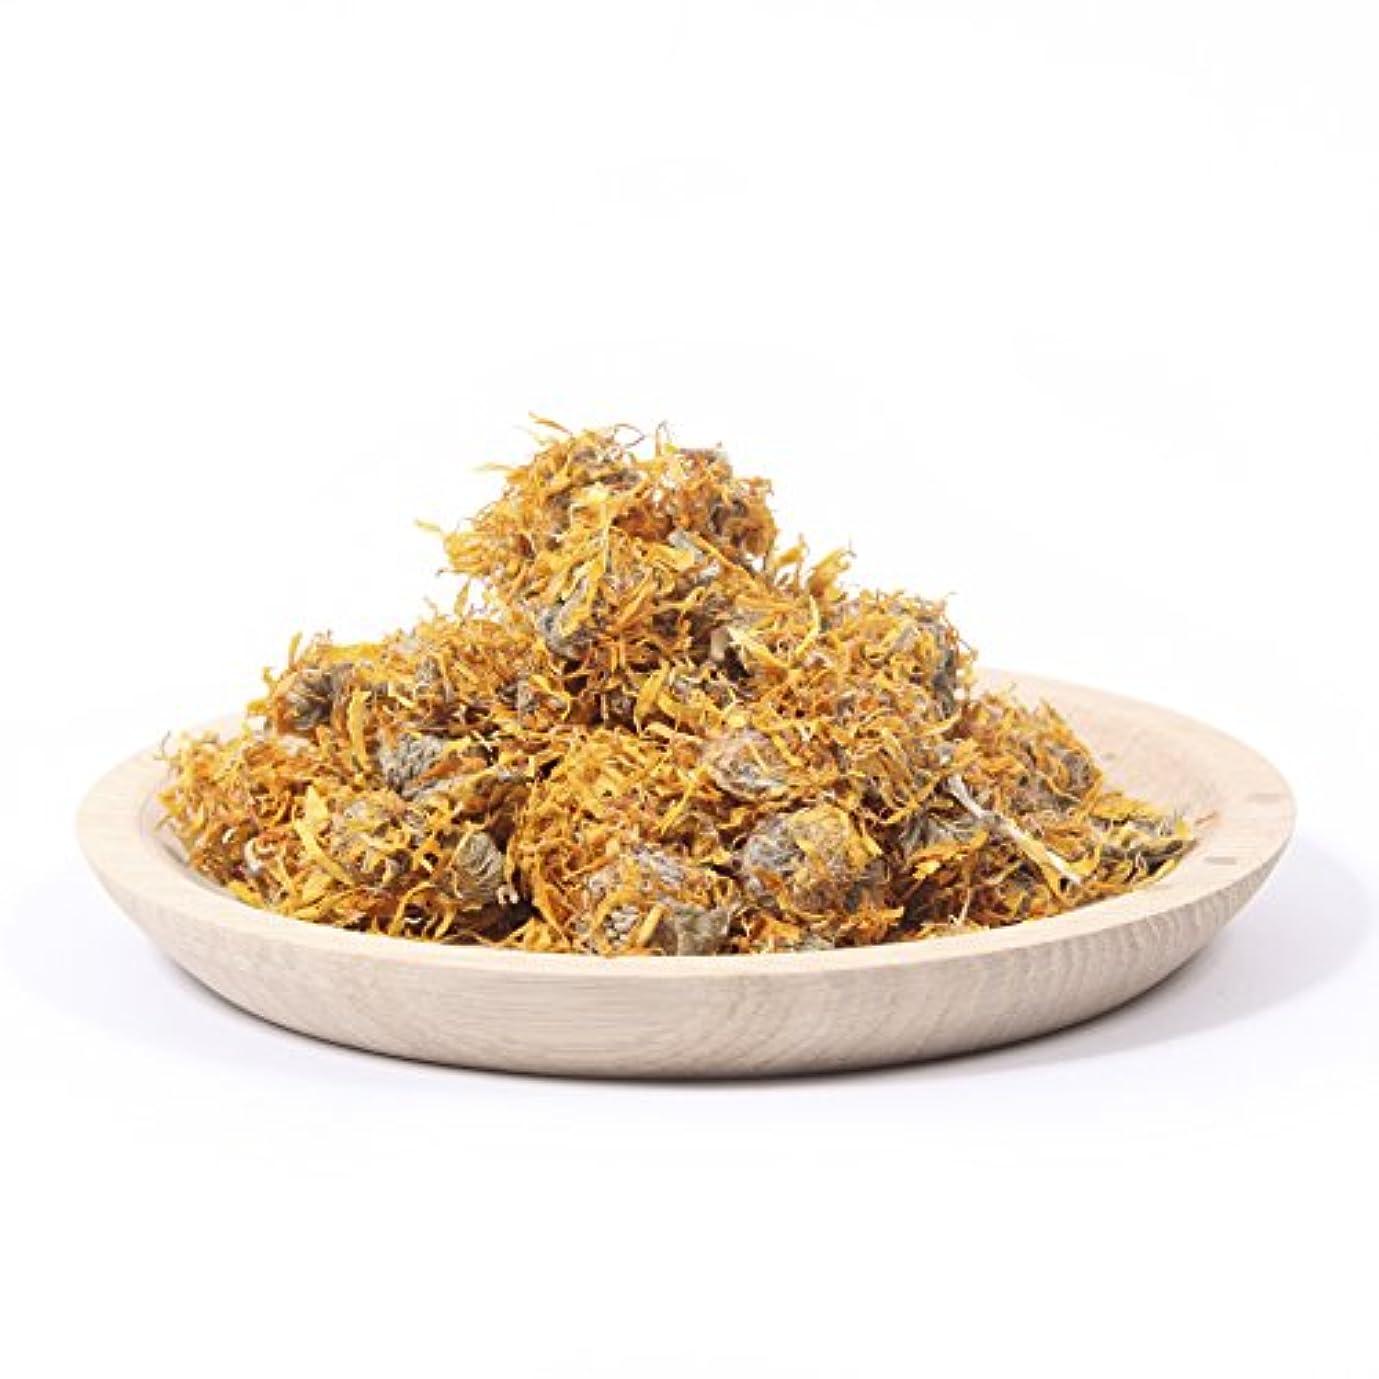 配分虫を数える彼女自身Dried Marigold Petals - 100g